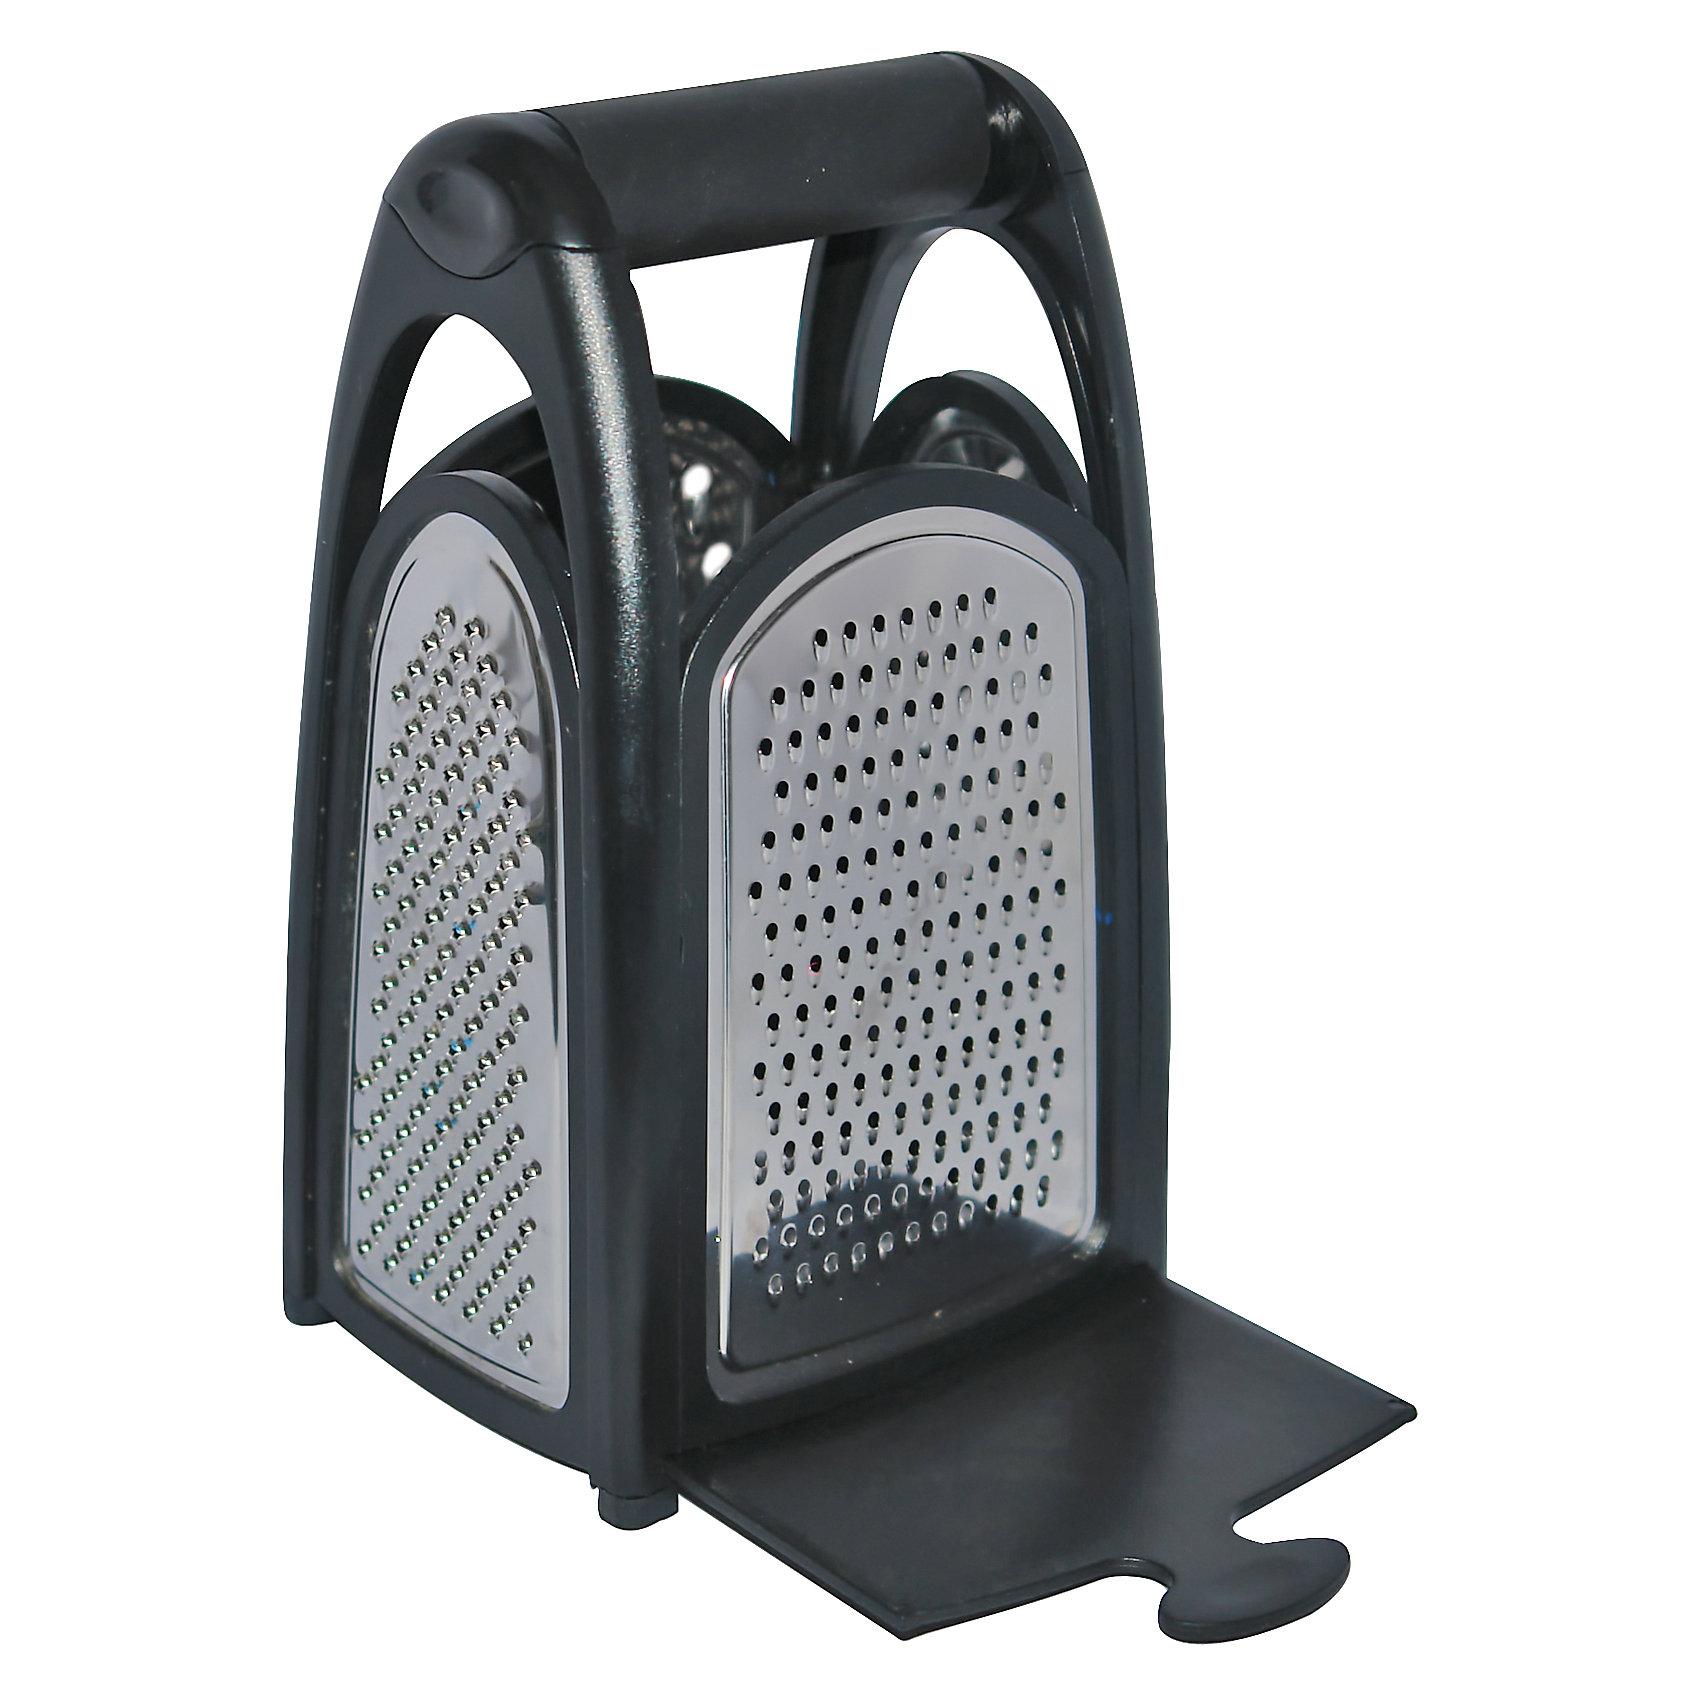 Терка четырехгранная GR-037, MallonyБытовая техника для кухни<br>Терка четырехгранная GR-037, Mallony (Маллони)<br><br>Характеристики:<br><br>• удобный поддон<br>• прорезиненная ручка<br>• материал: нержавеющая сталь, пластик<br>• размер: 13,5х10х21,5 см<br>• размер упаковки: 21х10х13 см<br>• вес: 404 грамма<br><br>Терка GR-037 - незаменимый помощник к для каждой хозяйки. Она имеет четыре грани с разными лезвиями и поддон, убрав который, вы сможете быстро пересыпать овощи в кастрюлю или сковороду. Терка изготовлена из нержавеющей стали и имеет удобную прорезиненную ручку.<br><br>Терку четырехгранную GR-037, Mallony (Маллони) вы можете купить в нашем интернет-магазине.<br><br>Ширина мм: 130<br>Глубина мм: 100<br>Высота мм: 210<br>Вес г: 404<br>Возраст от месяцев: 216<br>Возраст до месяцев: 1188<br>Пол: Унисекс<br>Возраст: Детский<br>SKU: 5622844